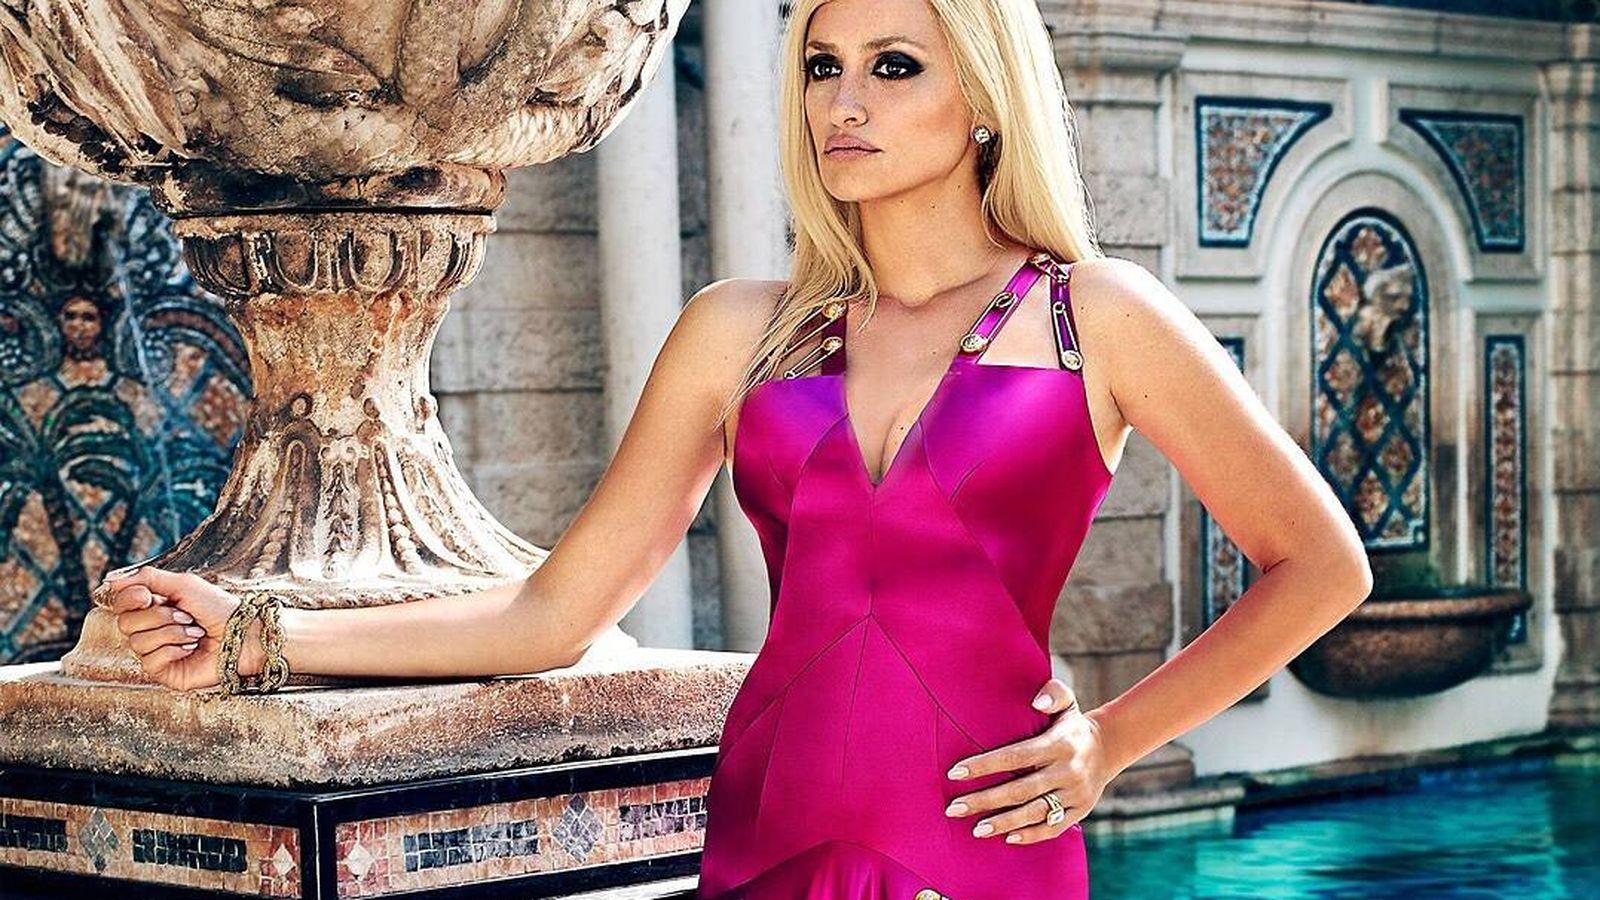 Foto: Penélope Cruz brilla en la televisión americana como Donatella Versace. (EW)